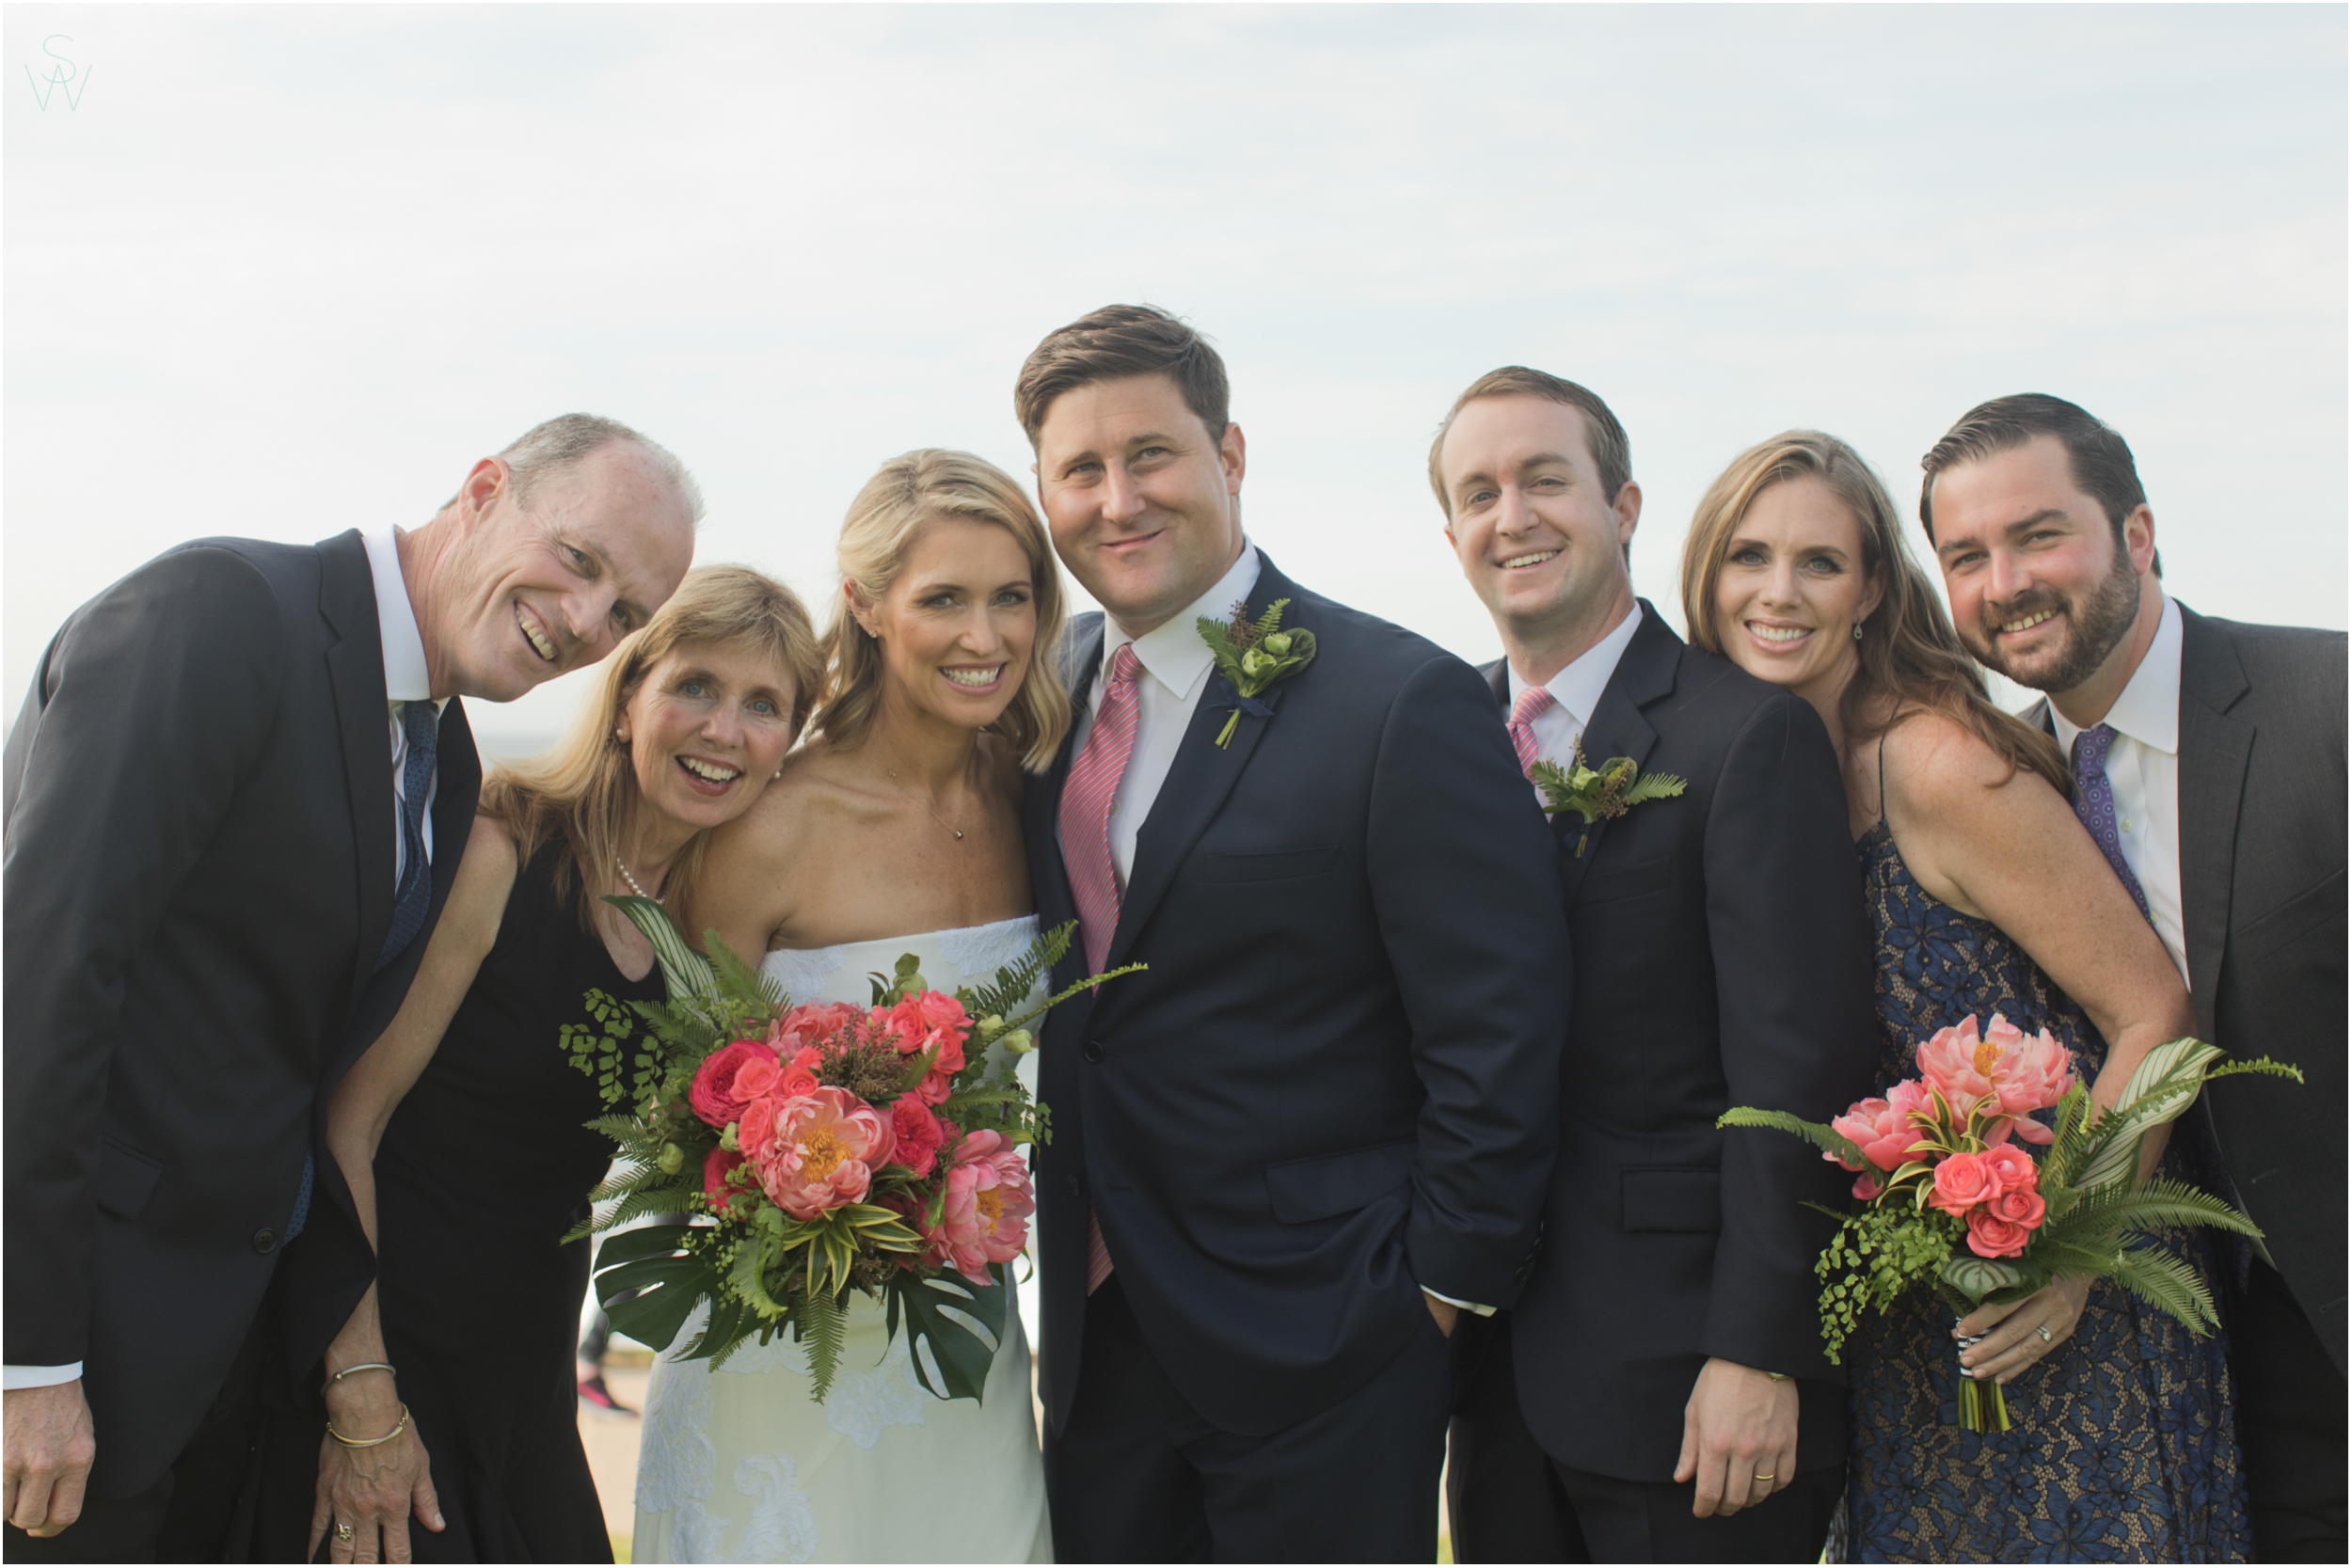 Colleen.Kyle20190122Shewanders.granddelmar.wedding 0484.jpg